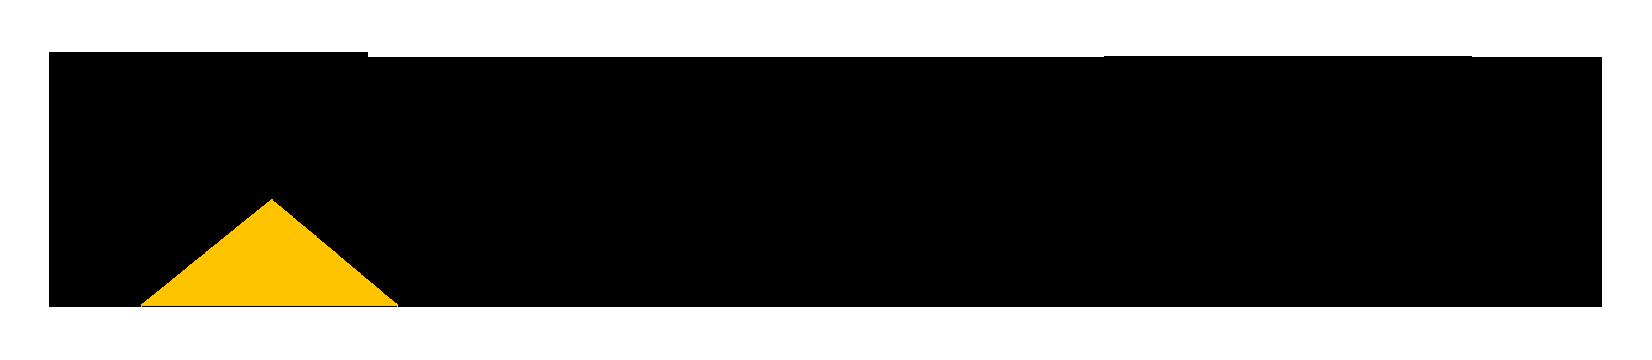 Caterpillar PNG - 1774